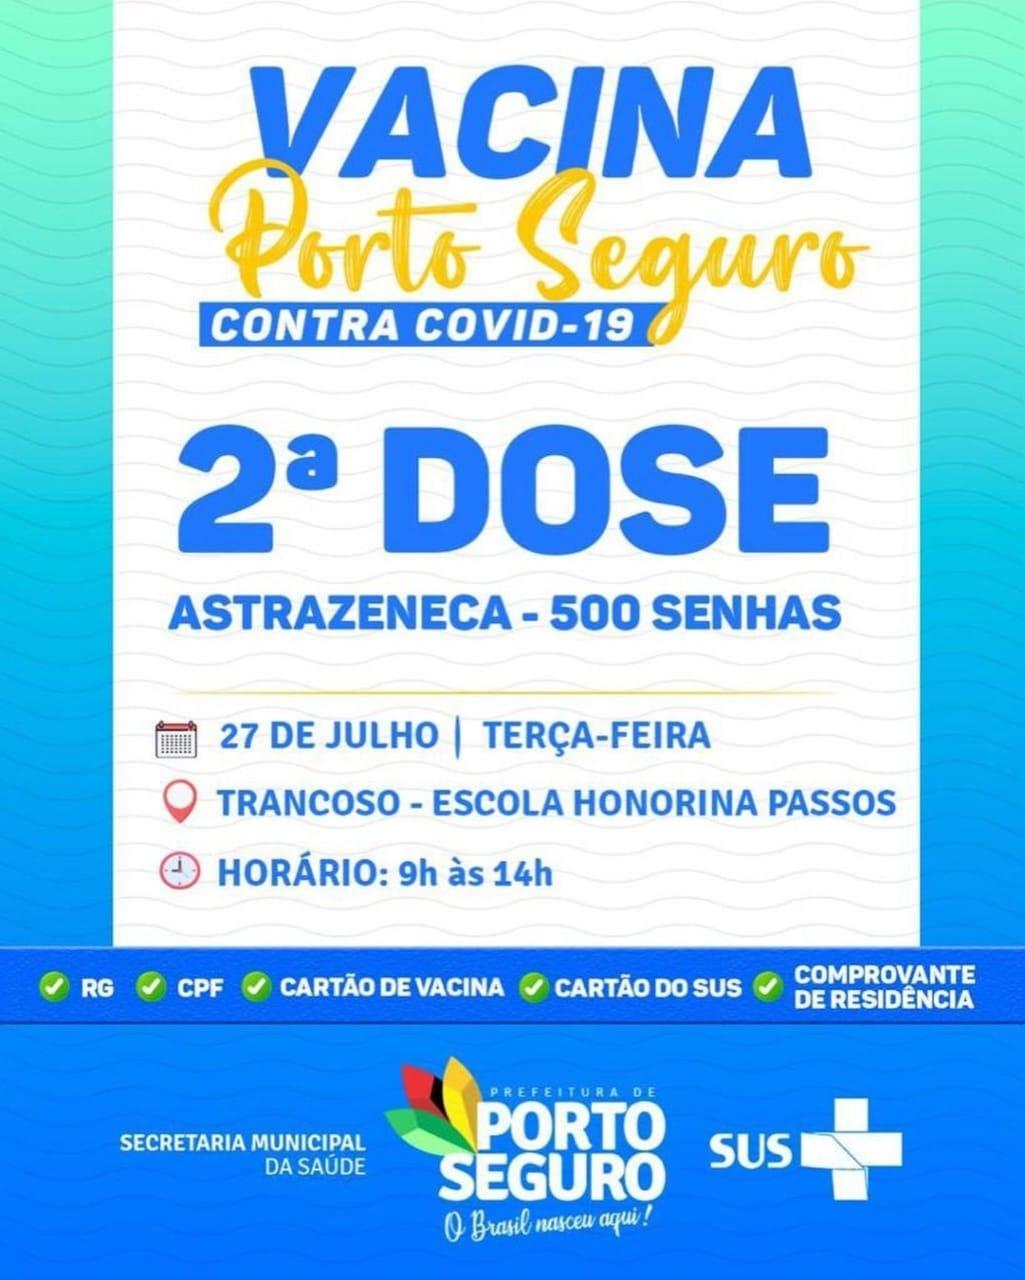 Vacina Porto Seguro contra Covid-19; cronograma de vacinação de 26 a 28 de julho 31